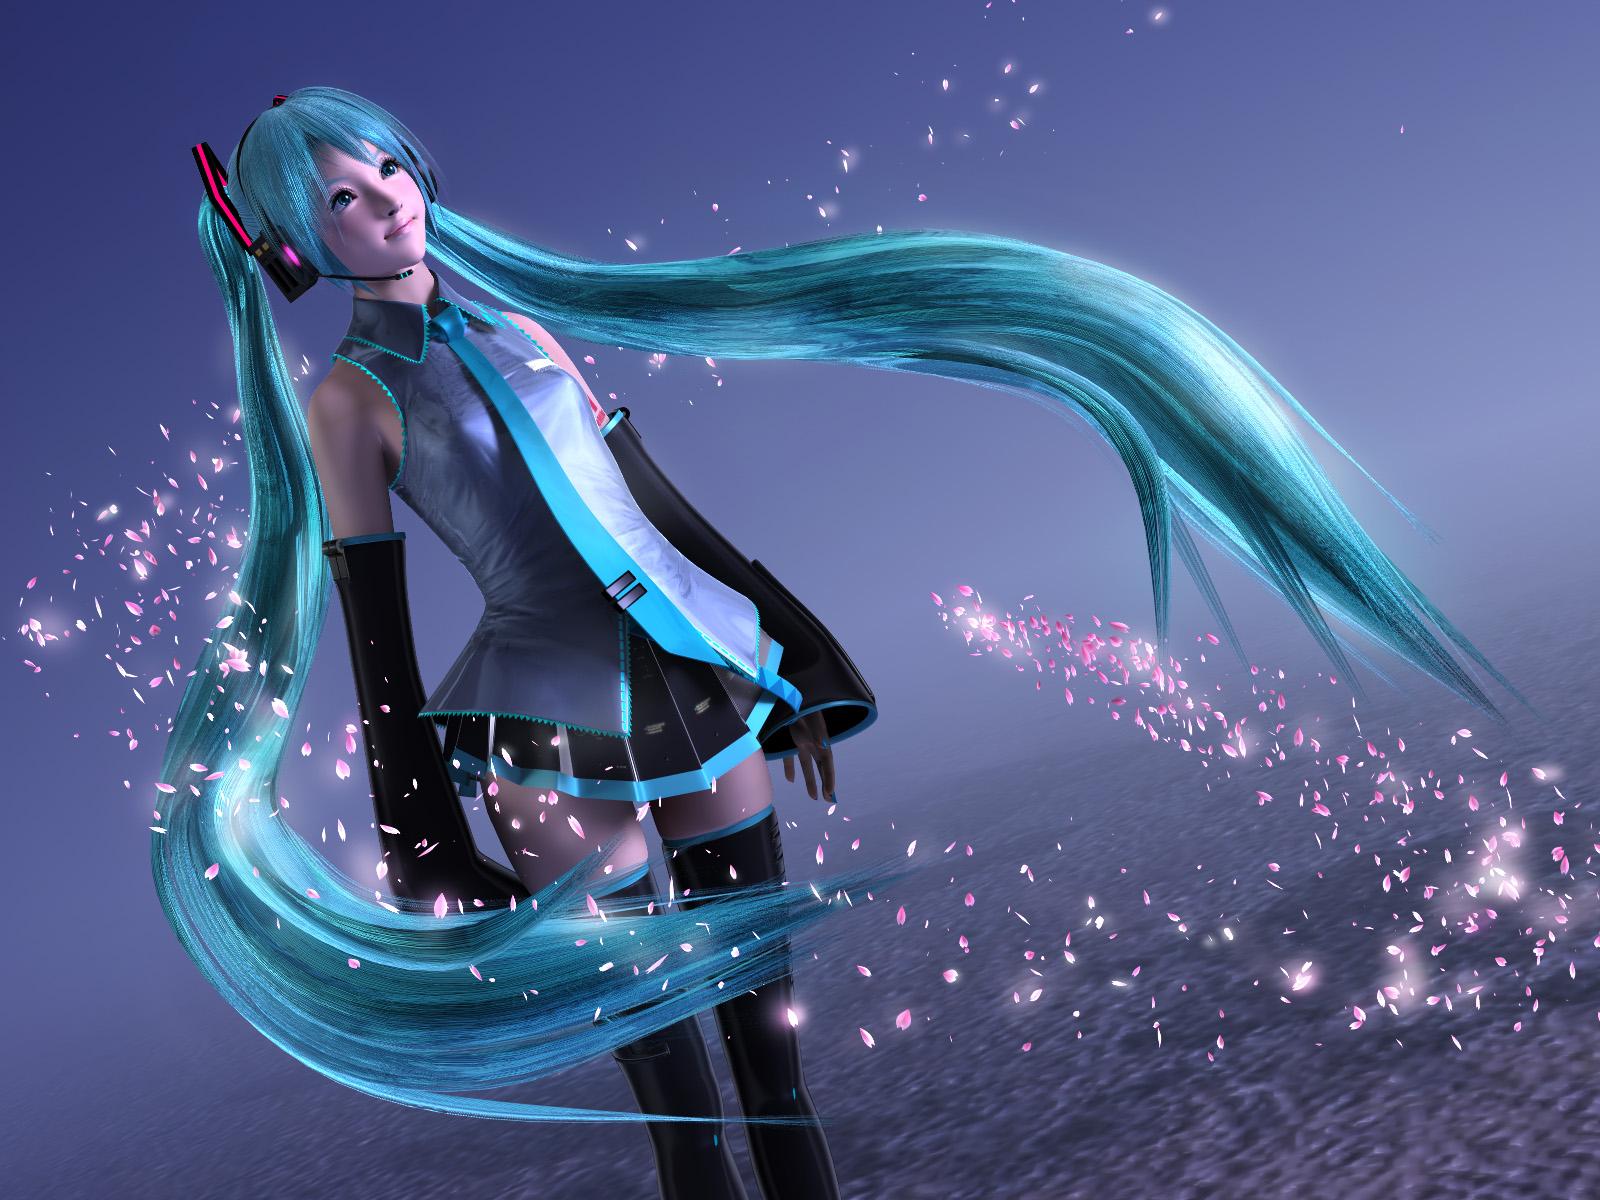 3d aqua_eyes aqua_hair blue hatsune_miku headphones long_hair thighhighs tie twintails vocaloid